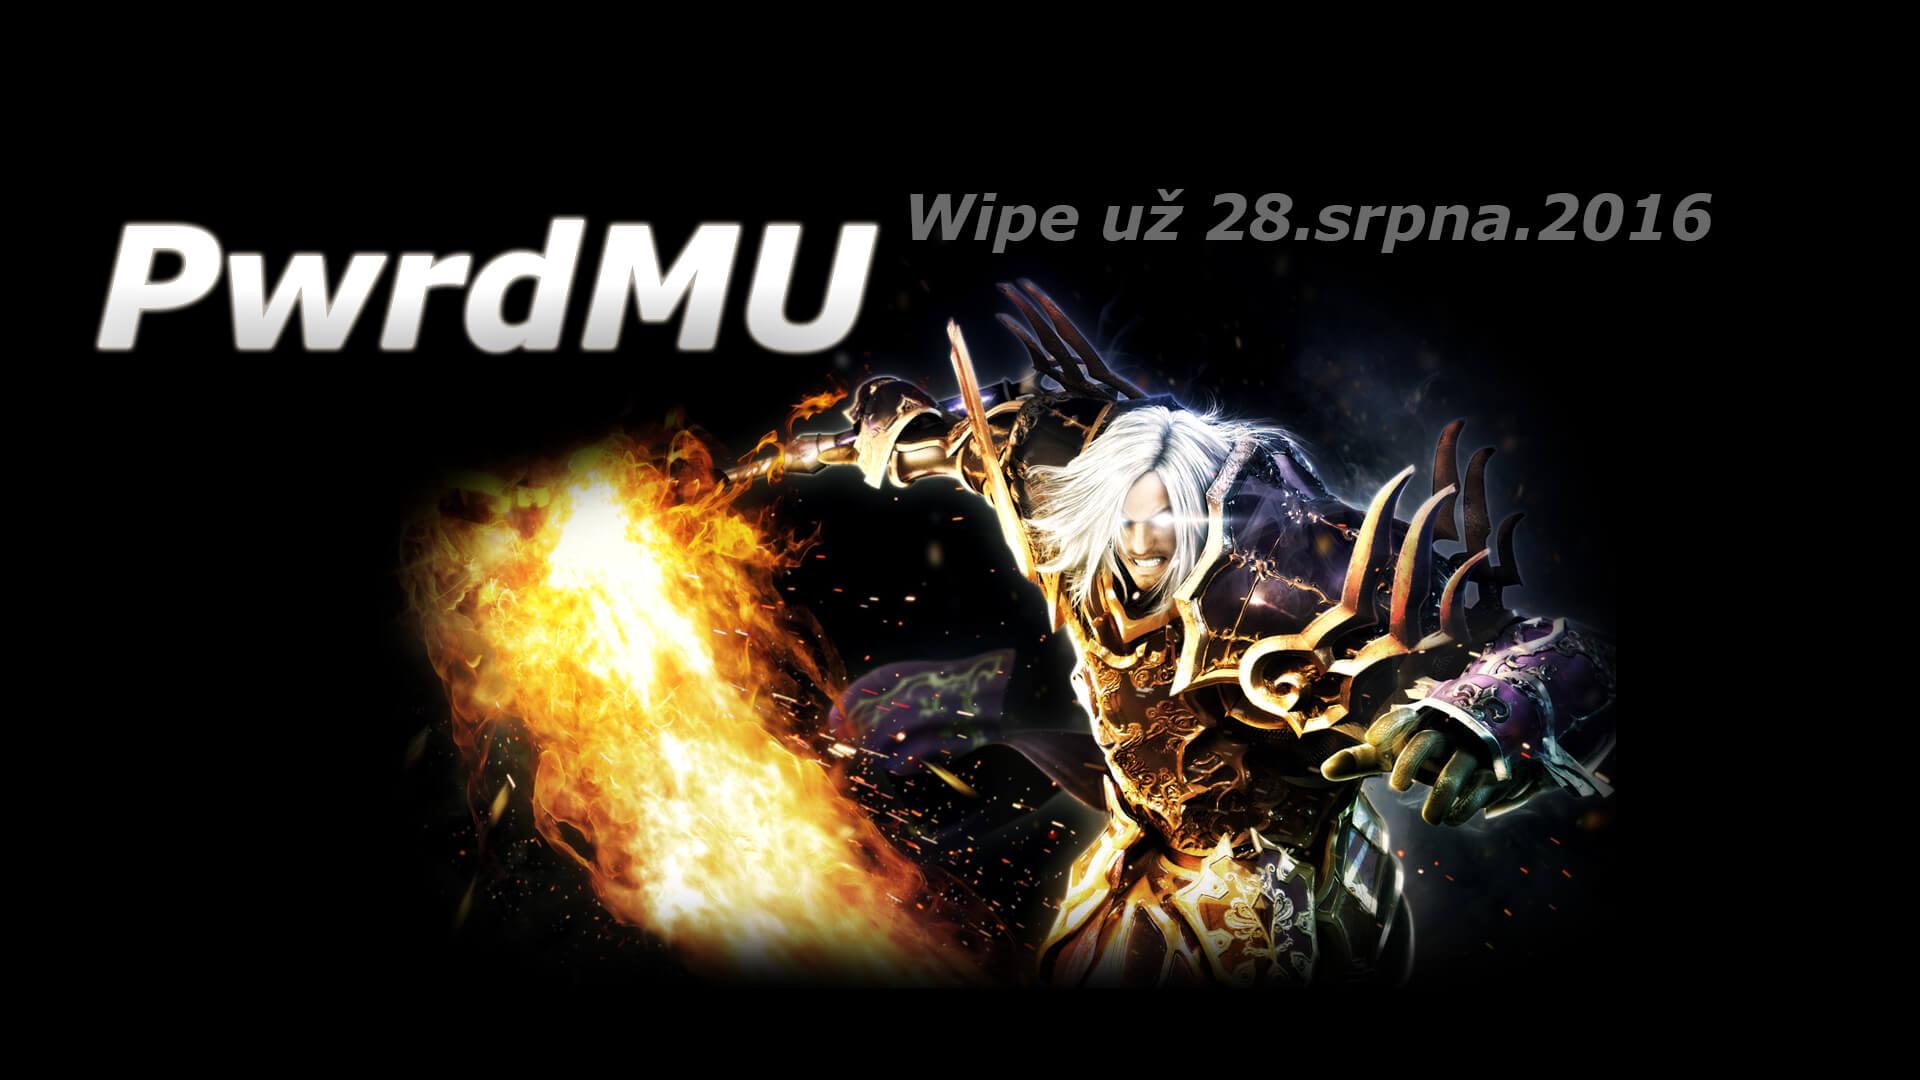 PwrdMU – Známe datum wipu